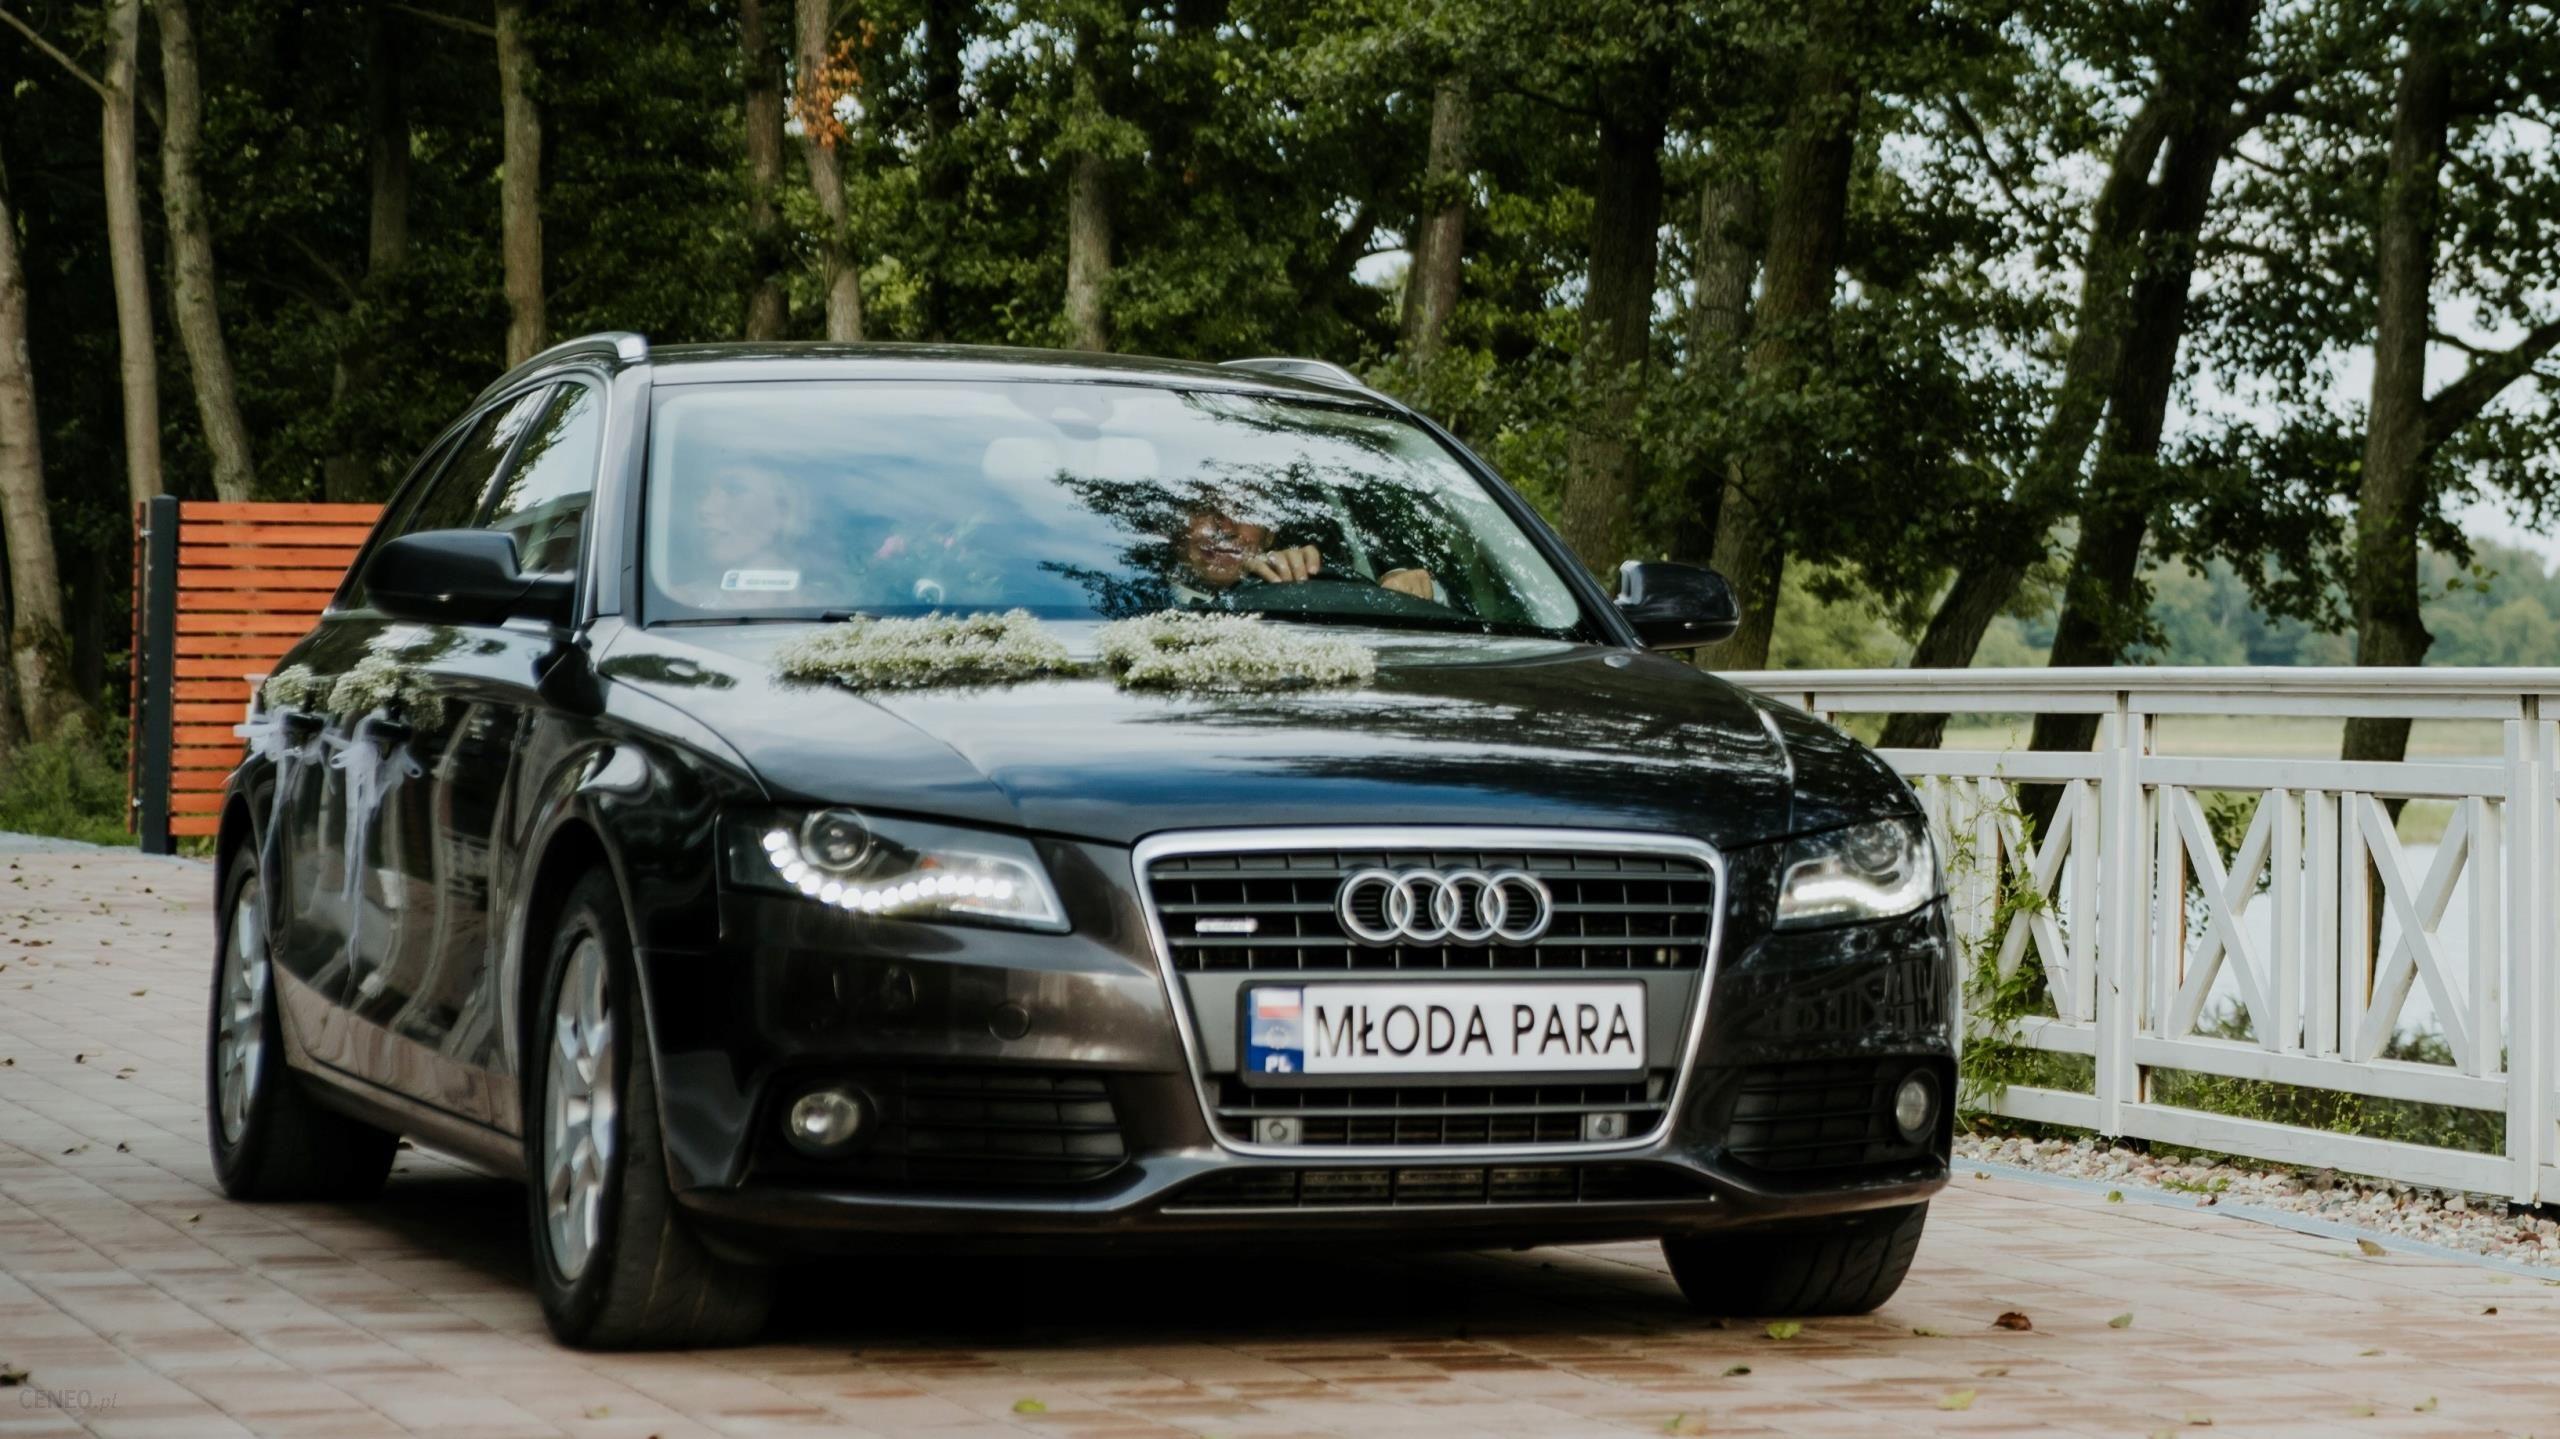 Audi A4 B8 20tdi Quattro Ideał 4x4 Salon Okazja Opinie I Ceny Na